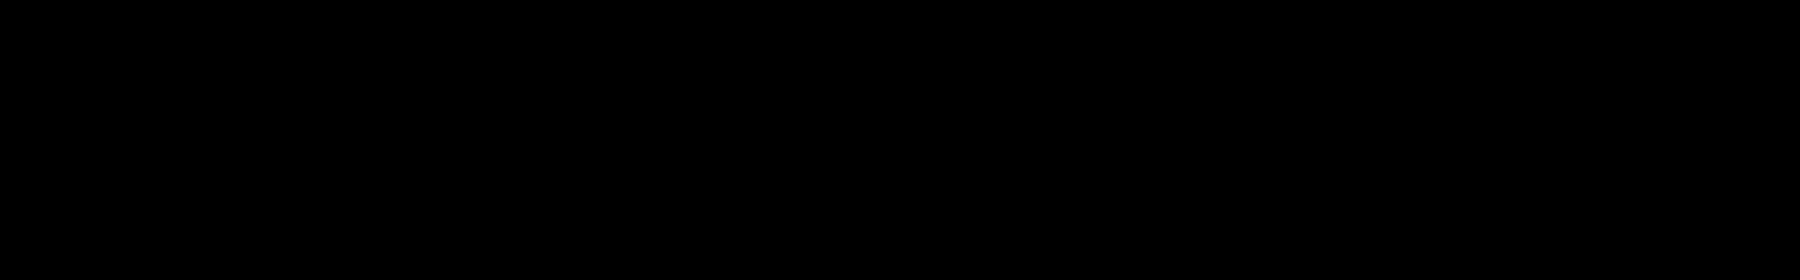 Film Score audio waveform